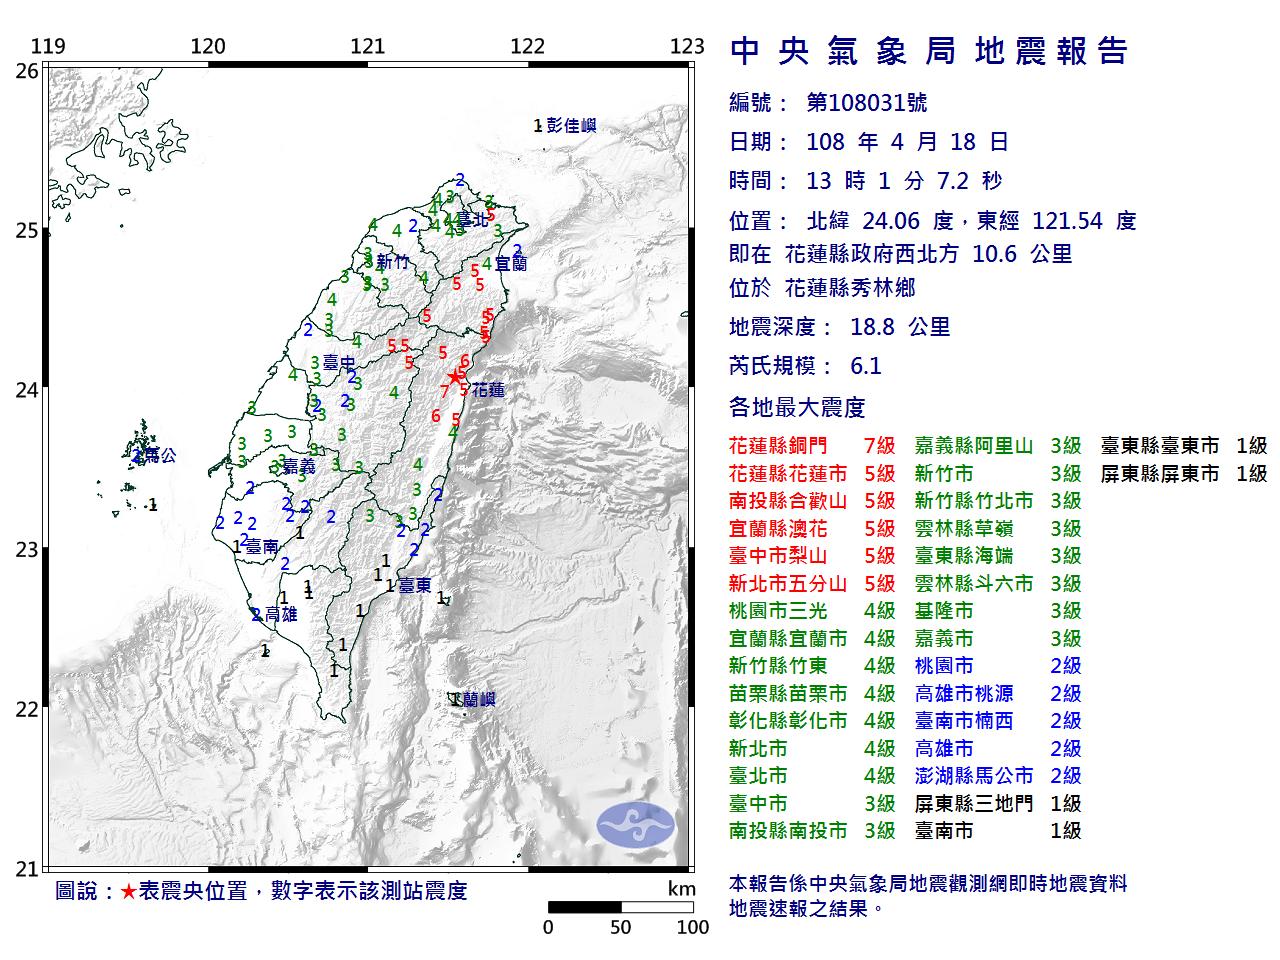 4 月 18 日下午 1 時在花蓮發生規模 6.1 地震,台北多處測站均測得最大 4 級震度。